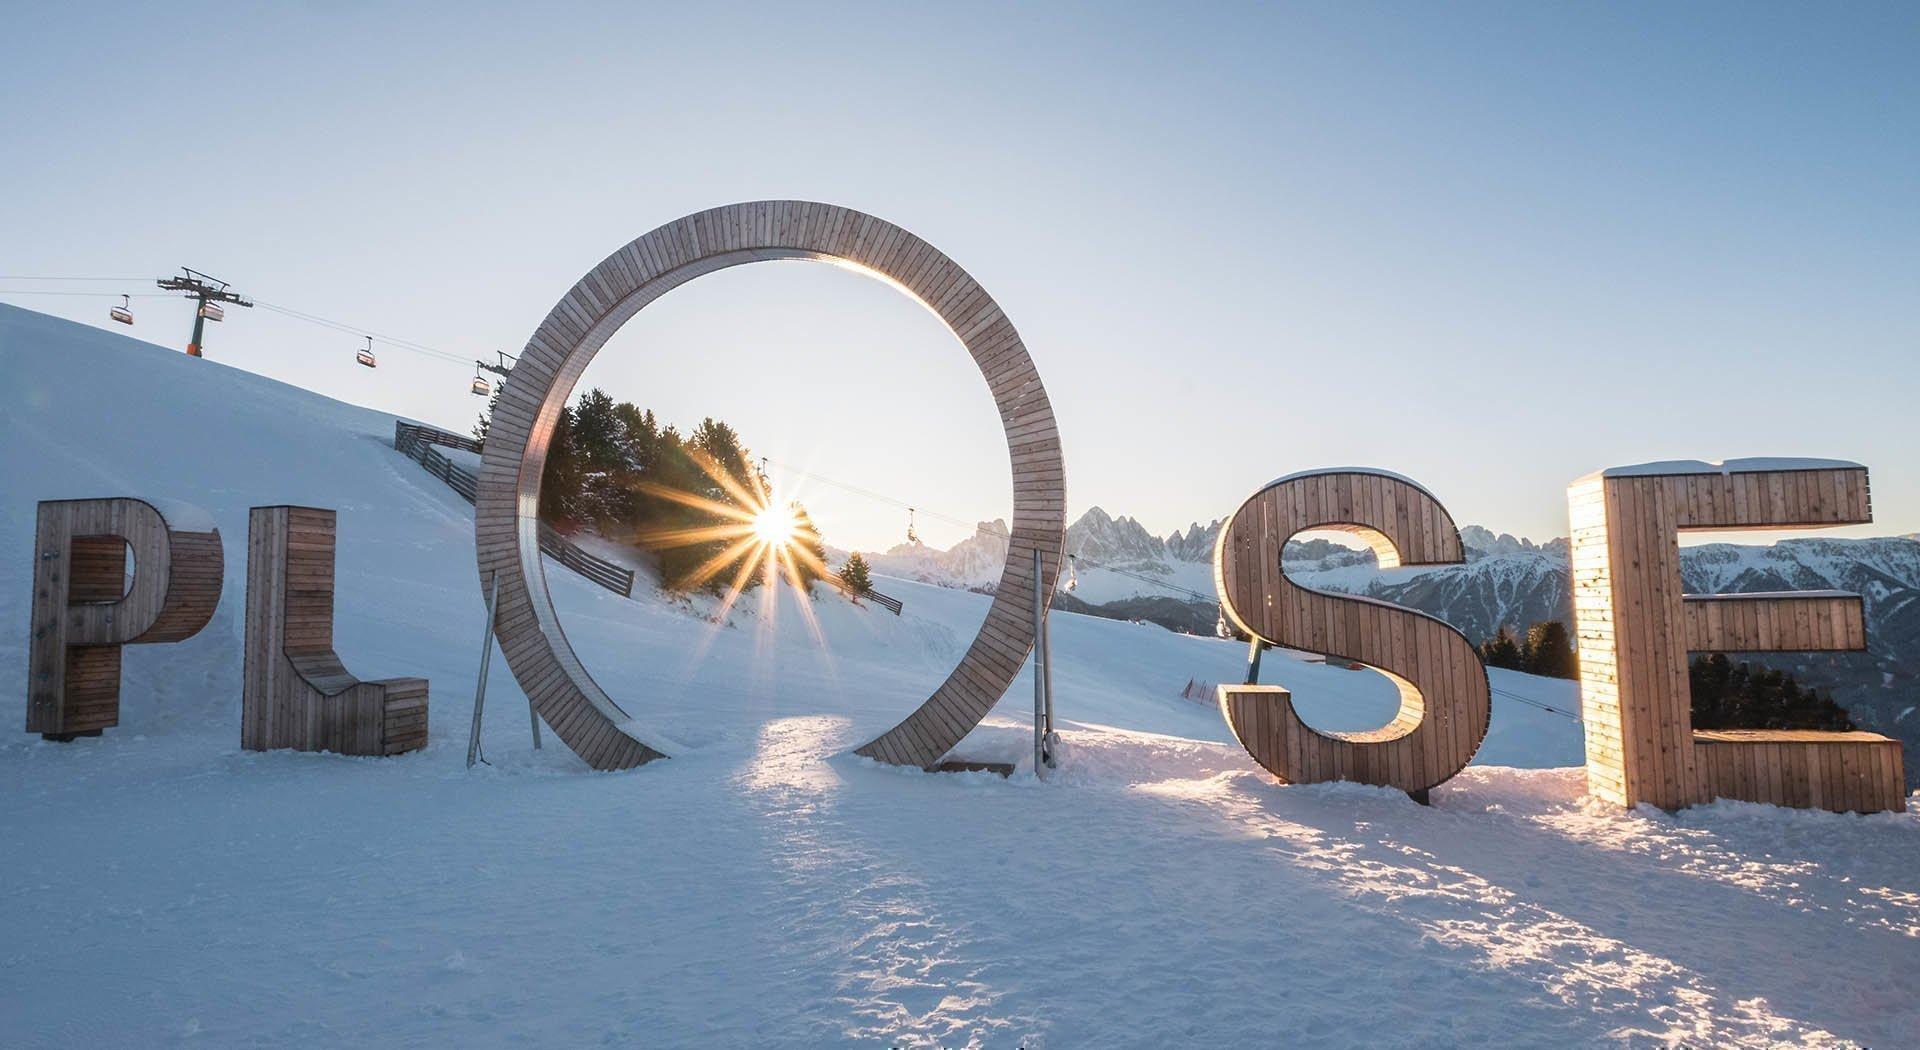 Skifahren, roSkifahren, rodeln und winterwandern in den Dolomiten deln und winterwandern in den Dolomiten